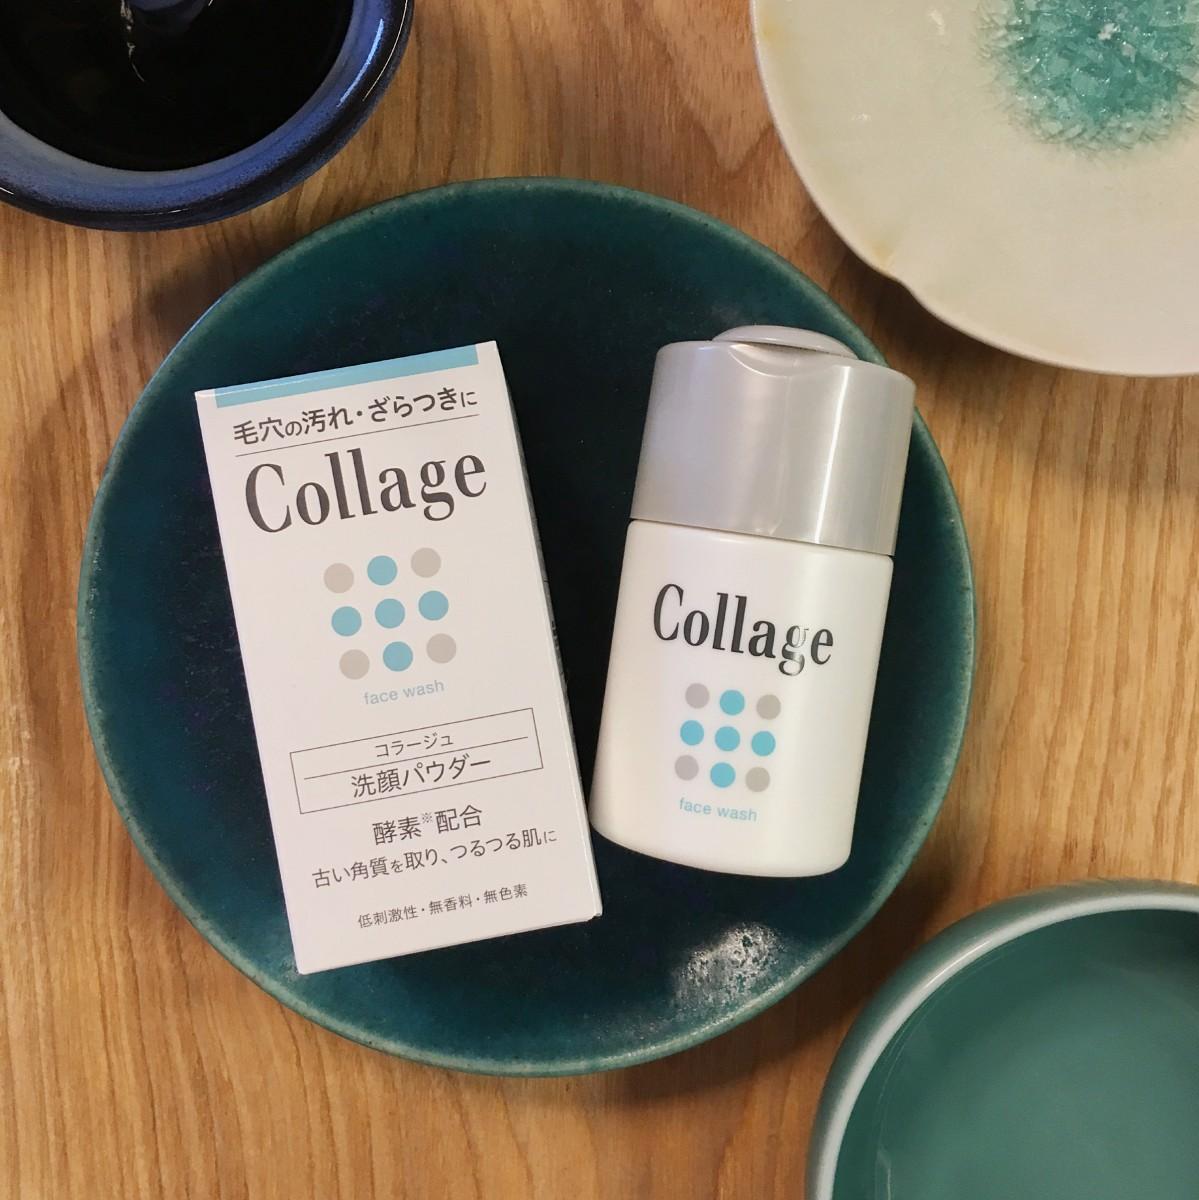 乾燥肌、敏感肌におすすめ!毛穴汚れ、ザラつきをスッキリ落とす「酵素」洗顔パウダー